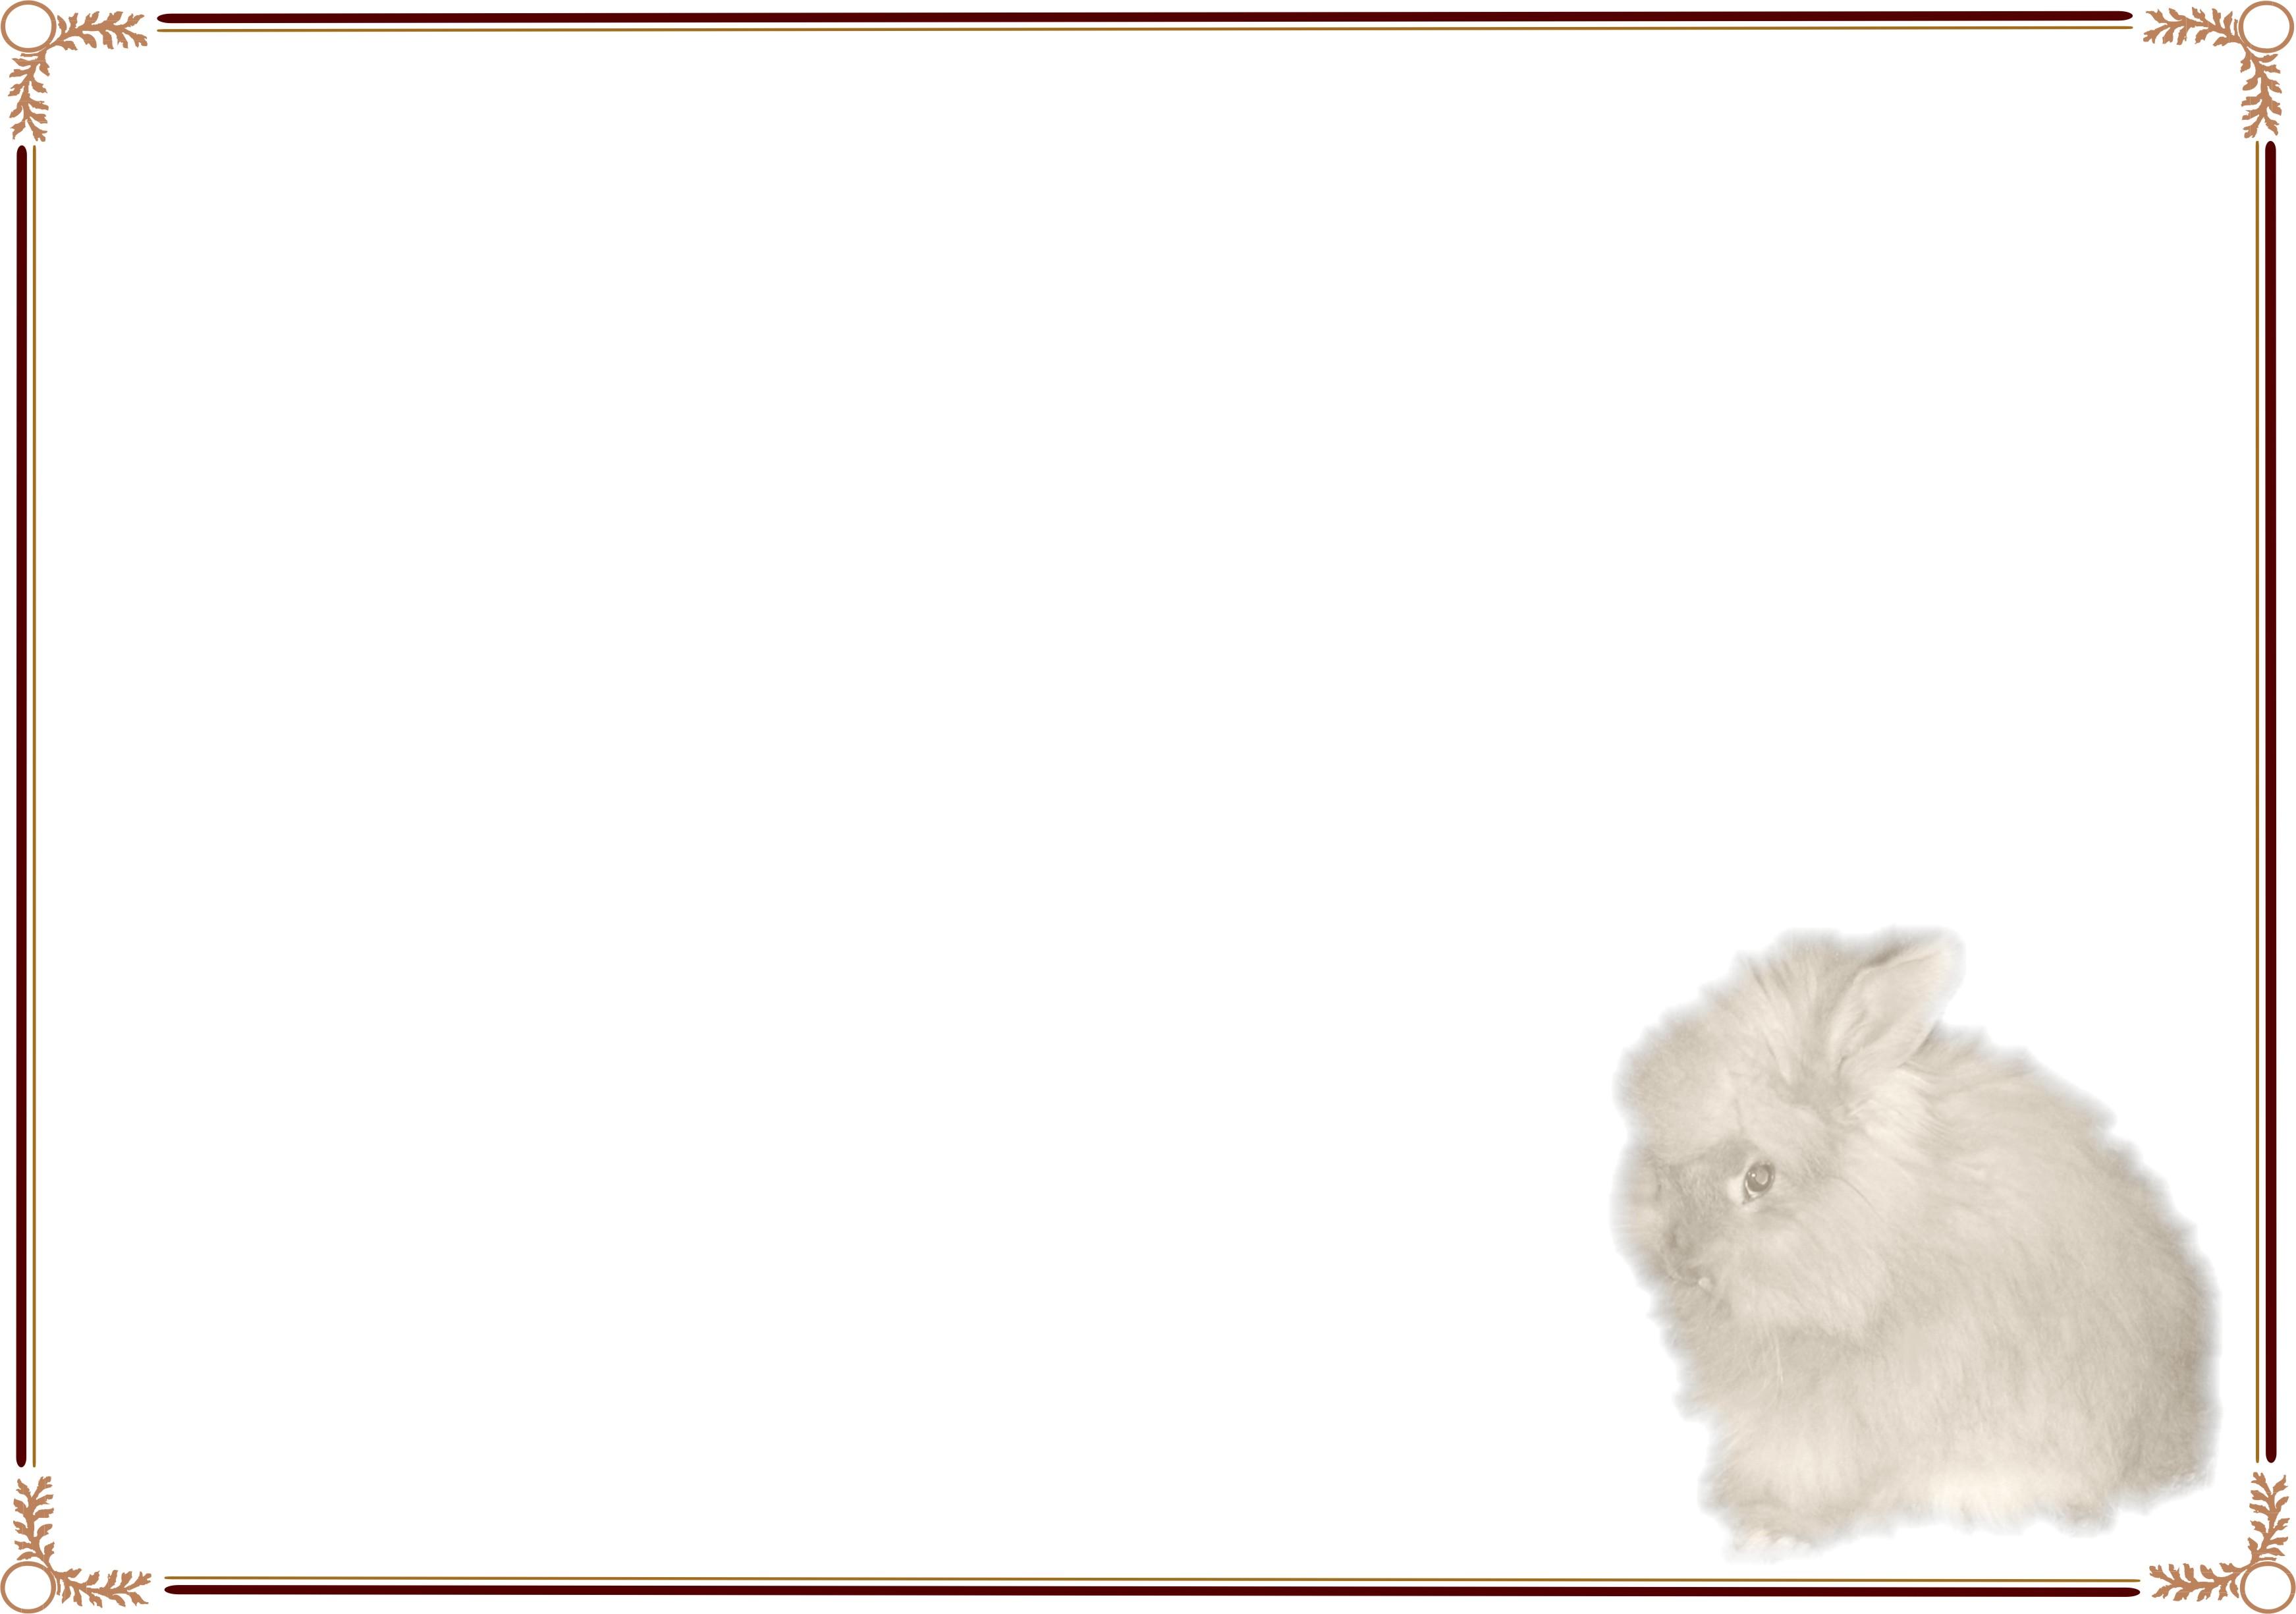 Rabbit - English Angora 02.jpg Rabbit